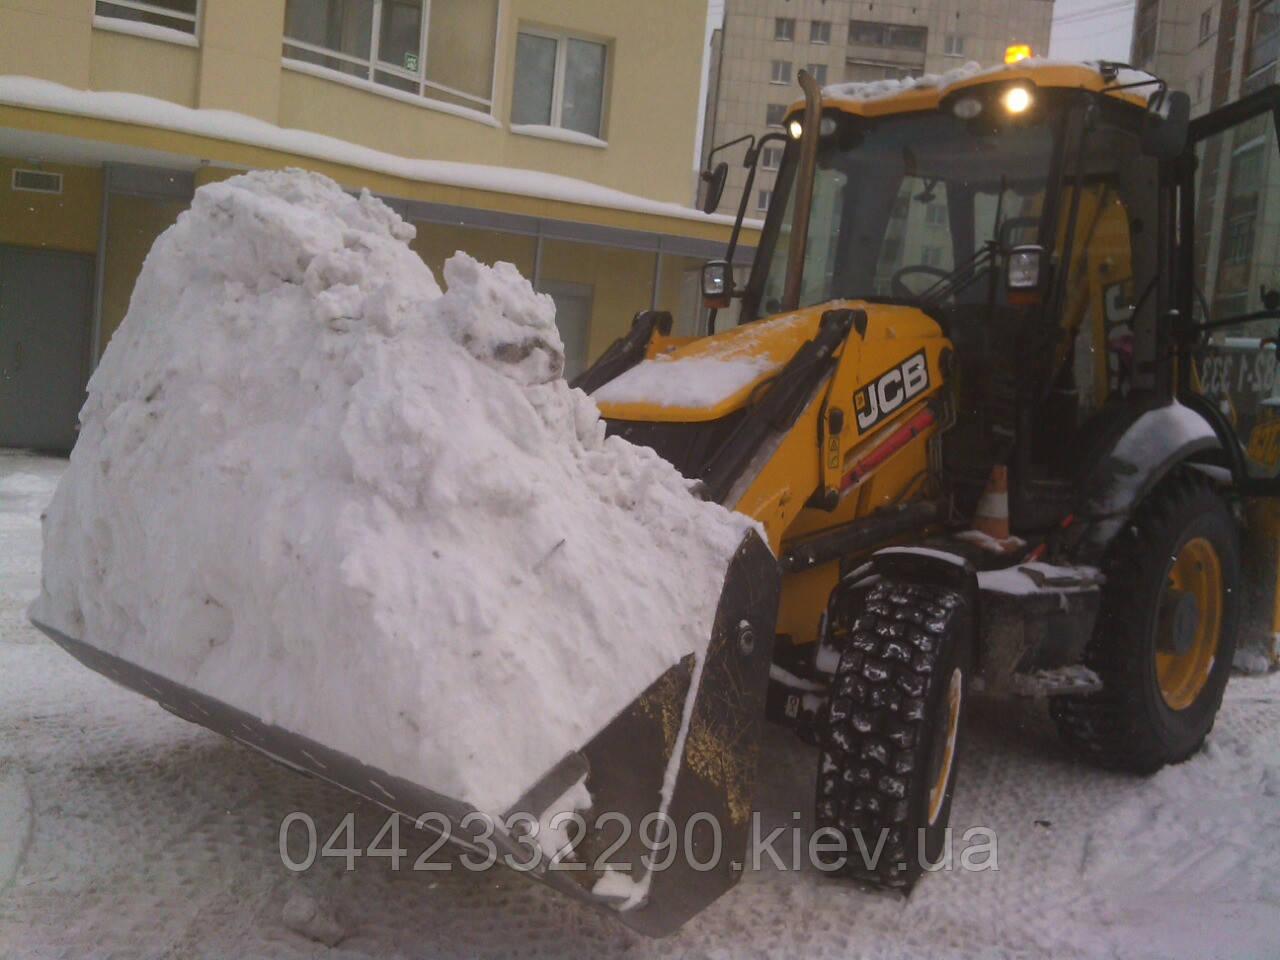 Заказать снегоуборочные работы в Киеве